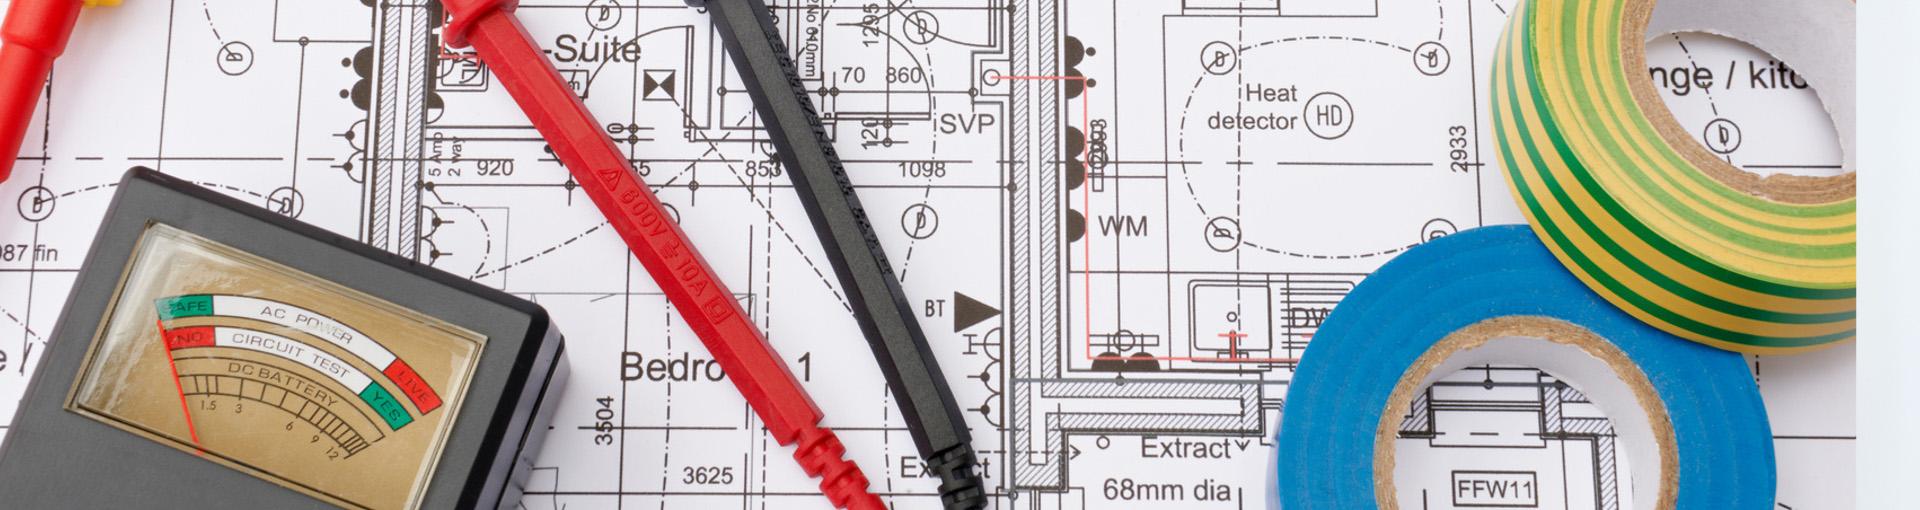 Instalacje elektryczne w domach